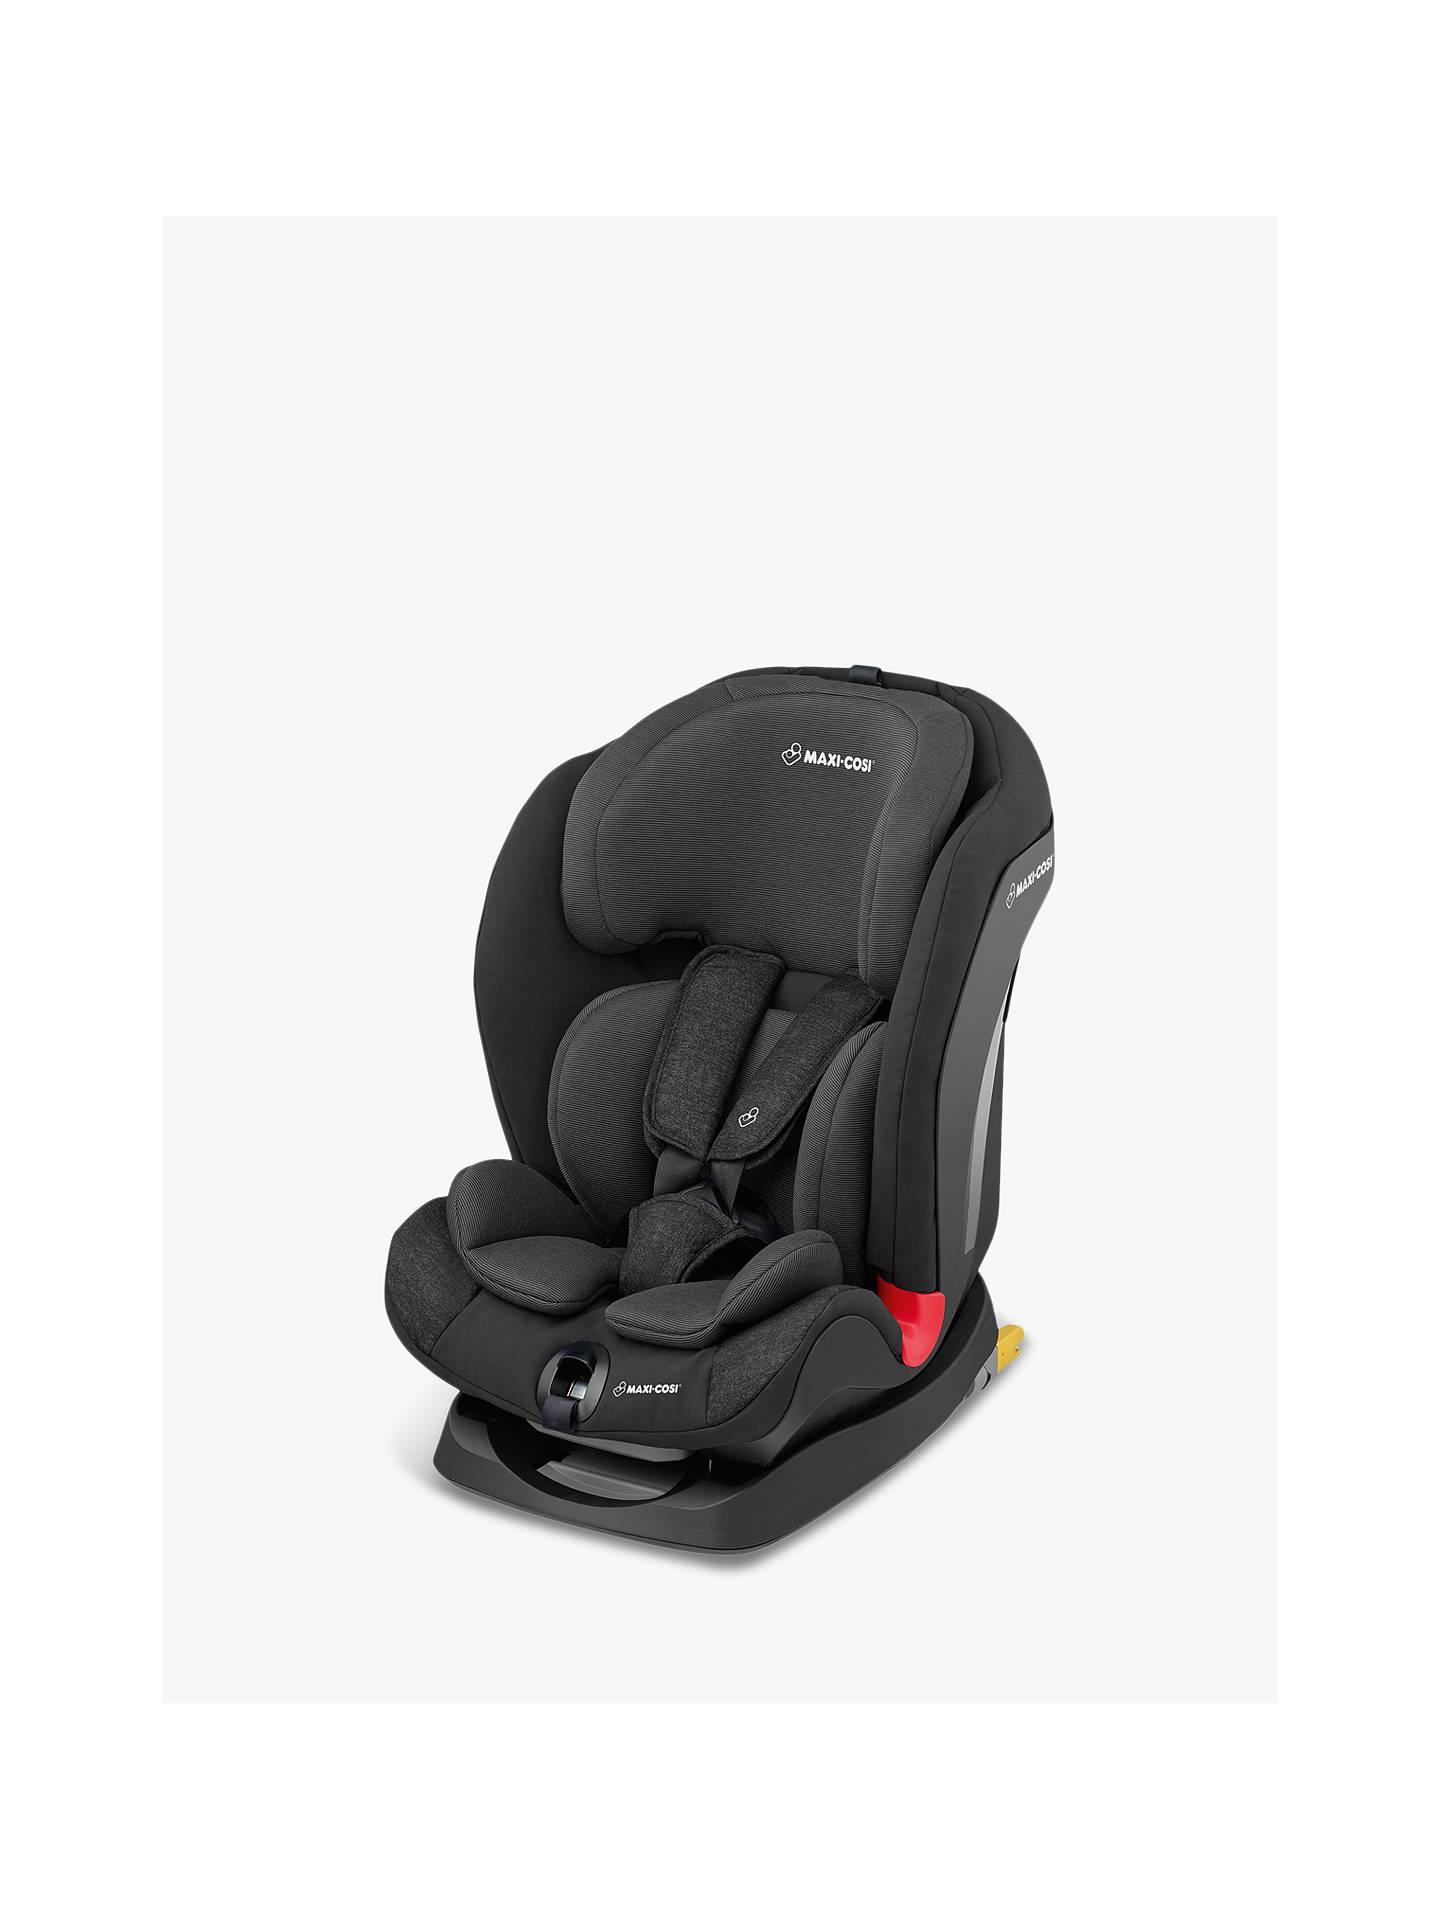 Maxi-Cosi Titan Group 1/2/3 Child Car Seat,